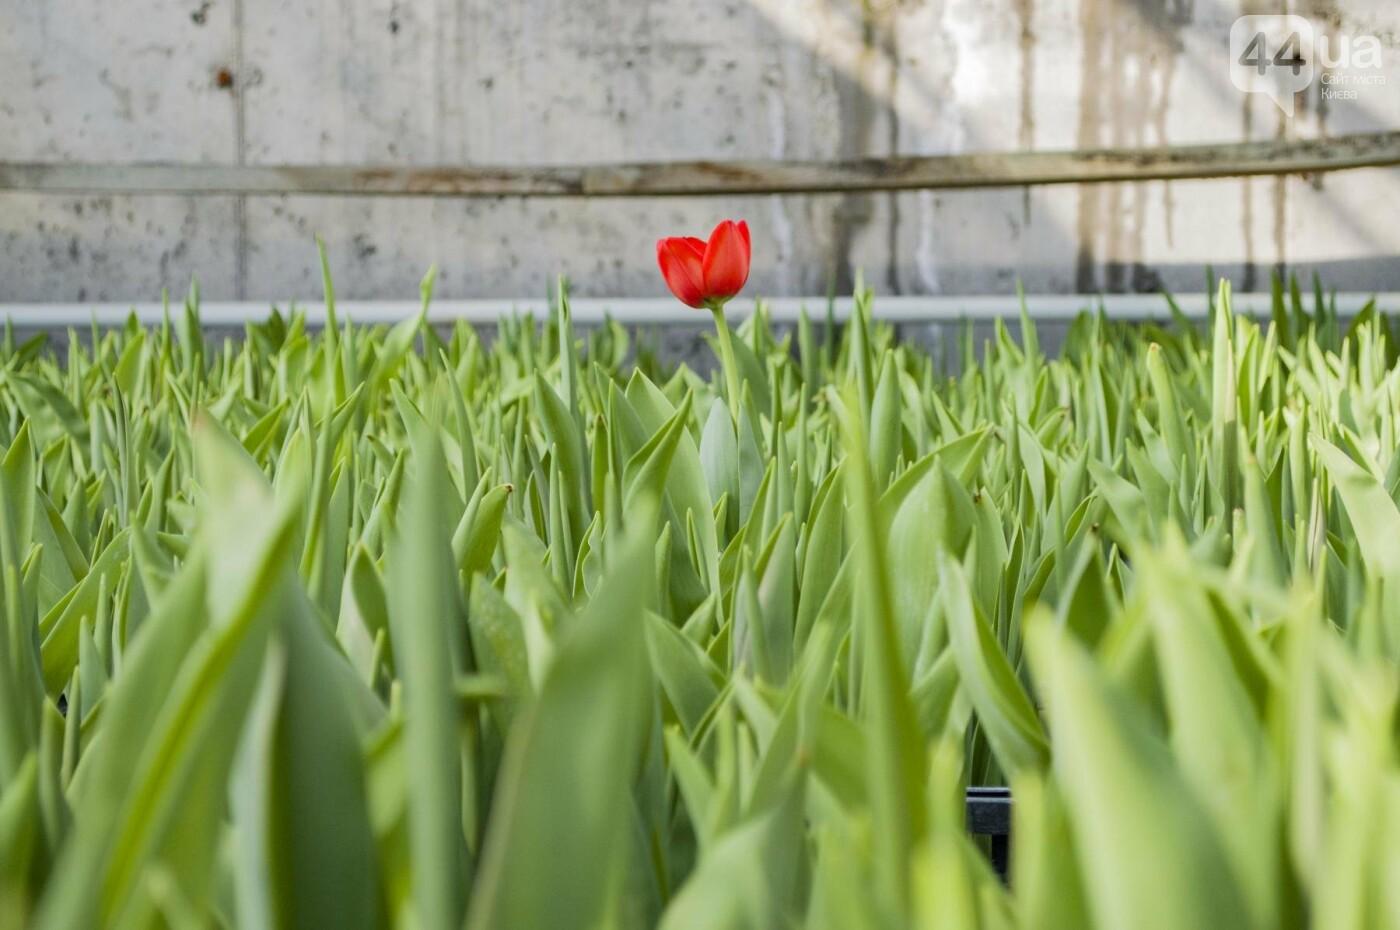 Цветочный рай: в киевской оранжерее зацвели десятки тысяч тюльпанов, фото-7